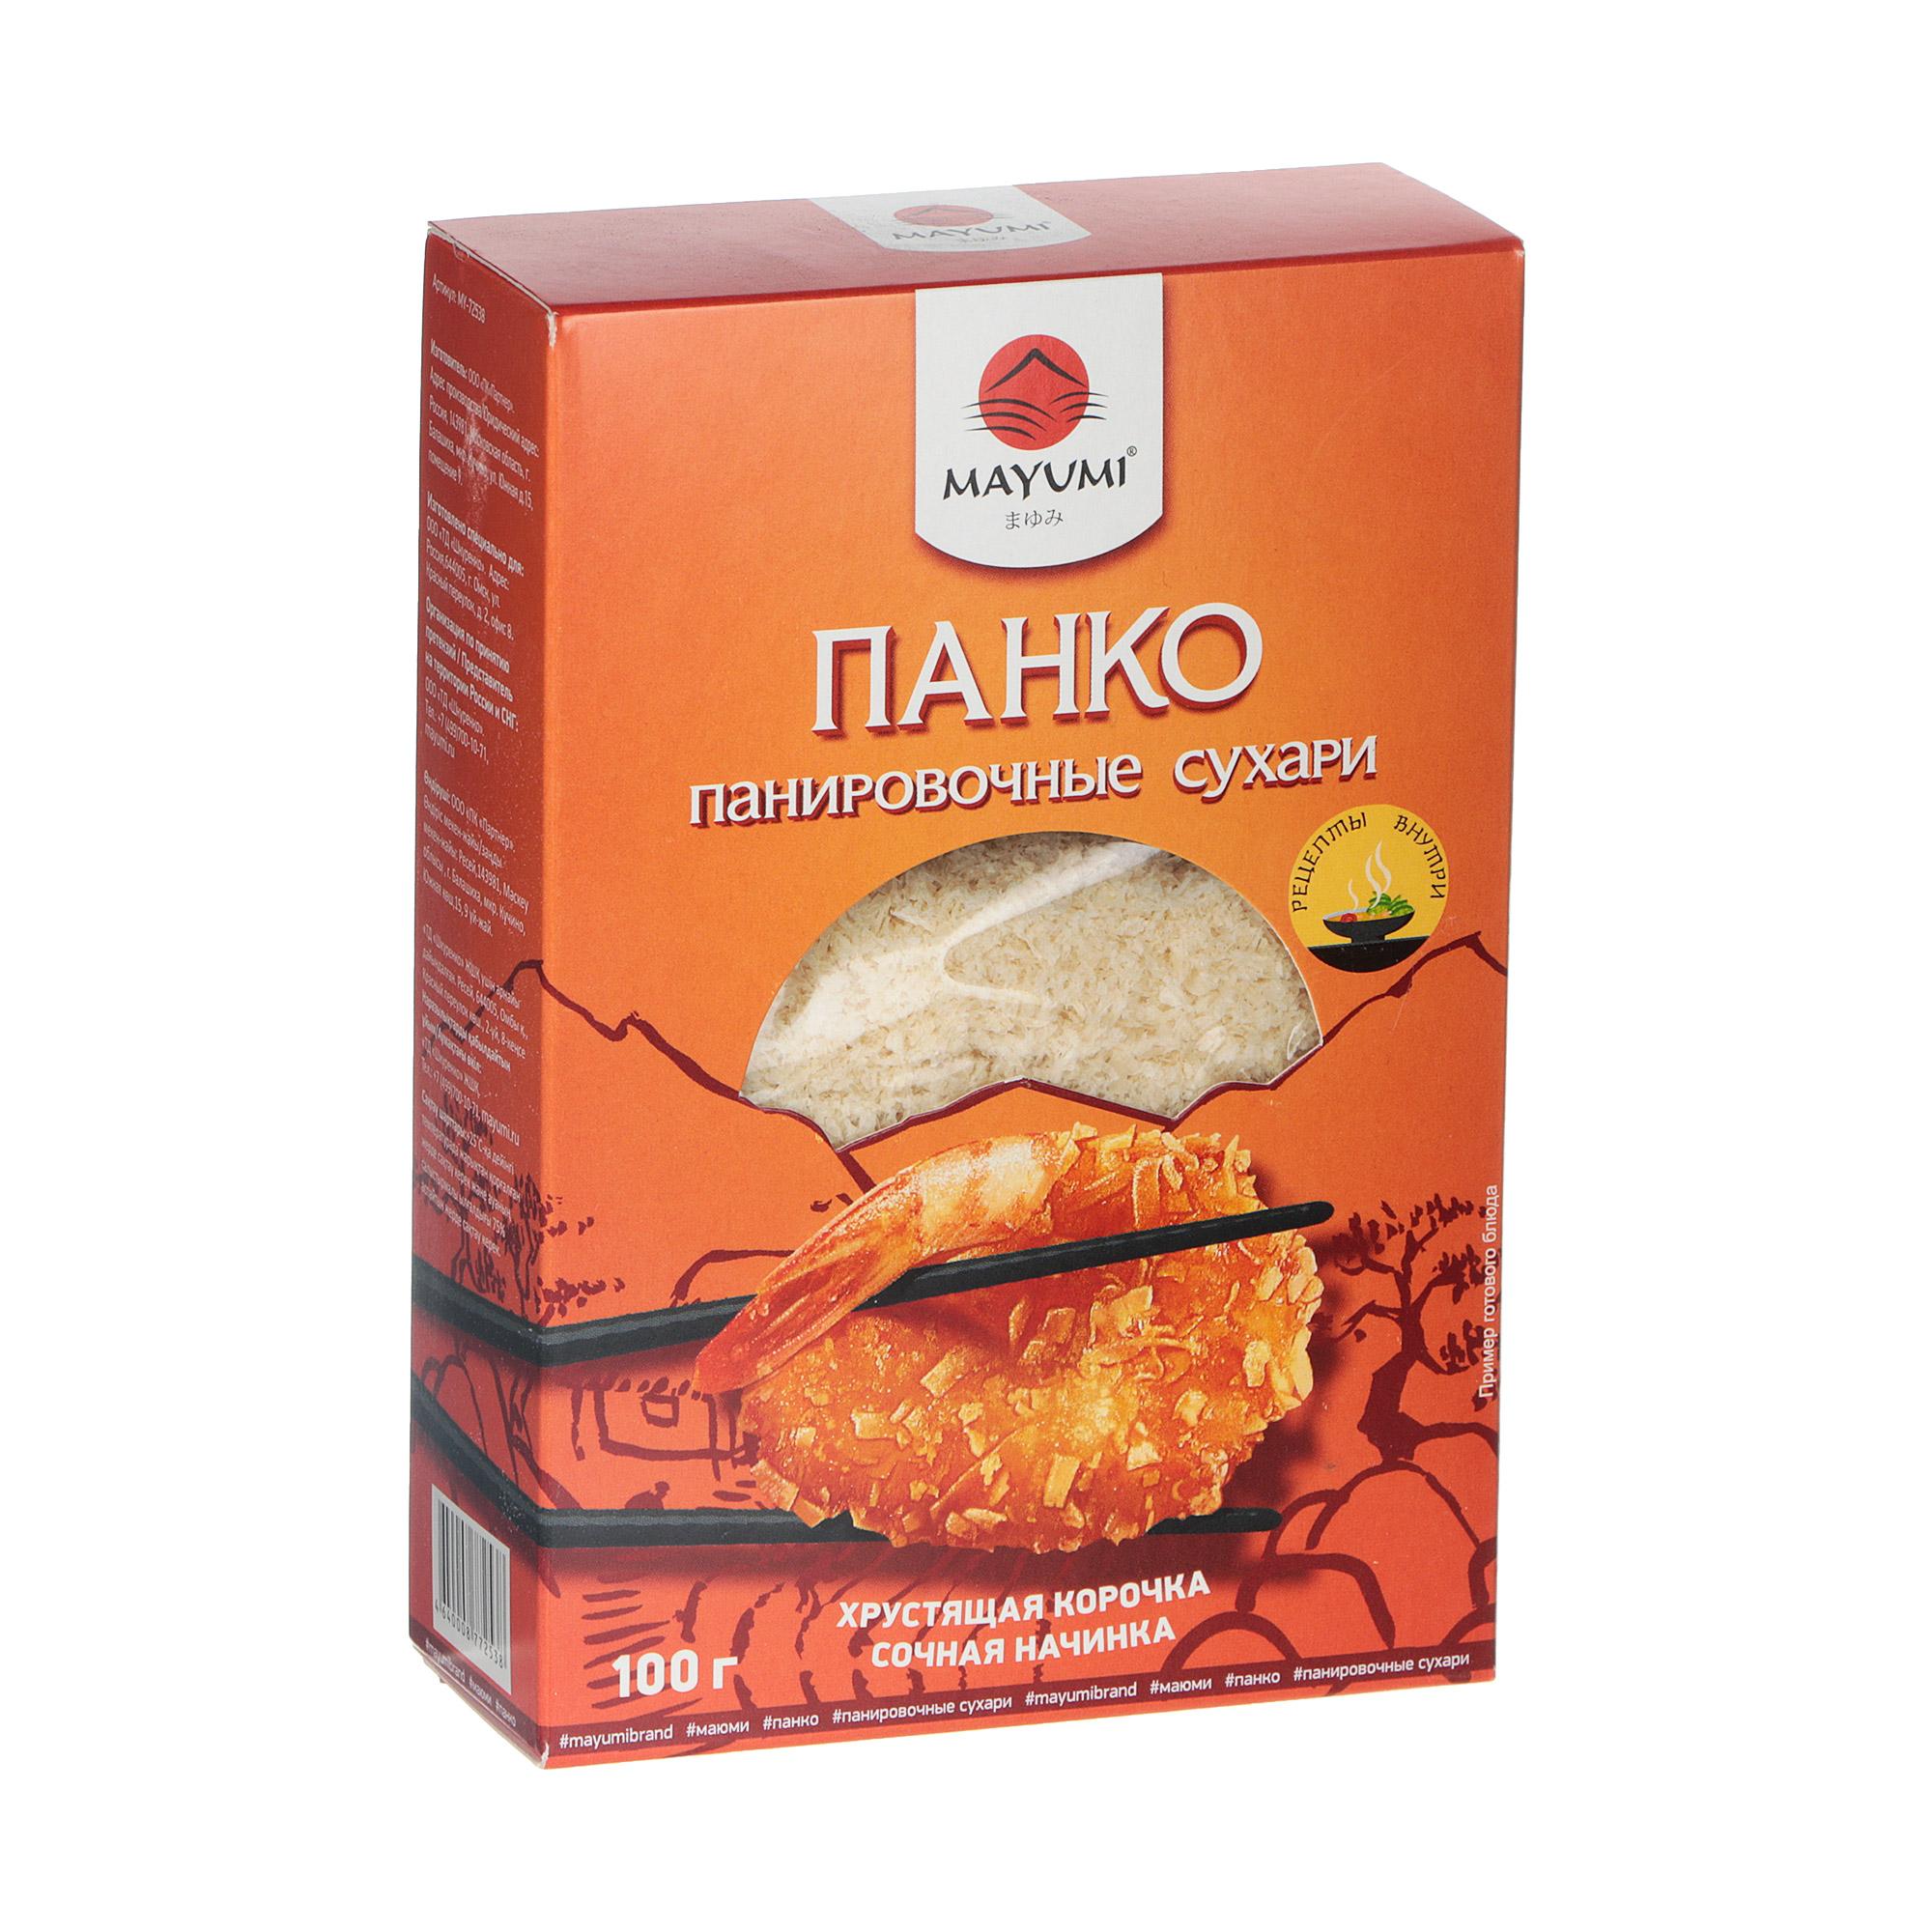 Панировочные сухари Mayumi Панко 100 г